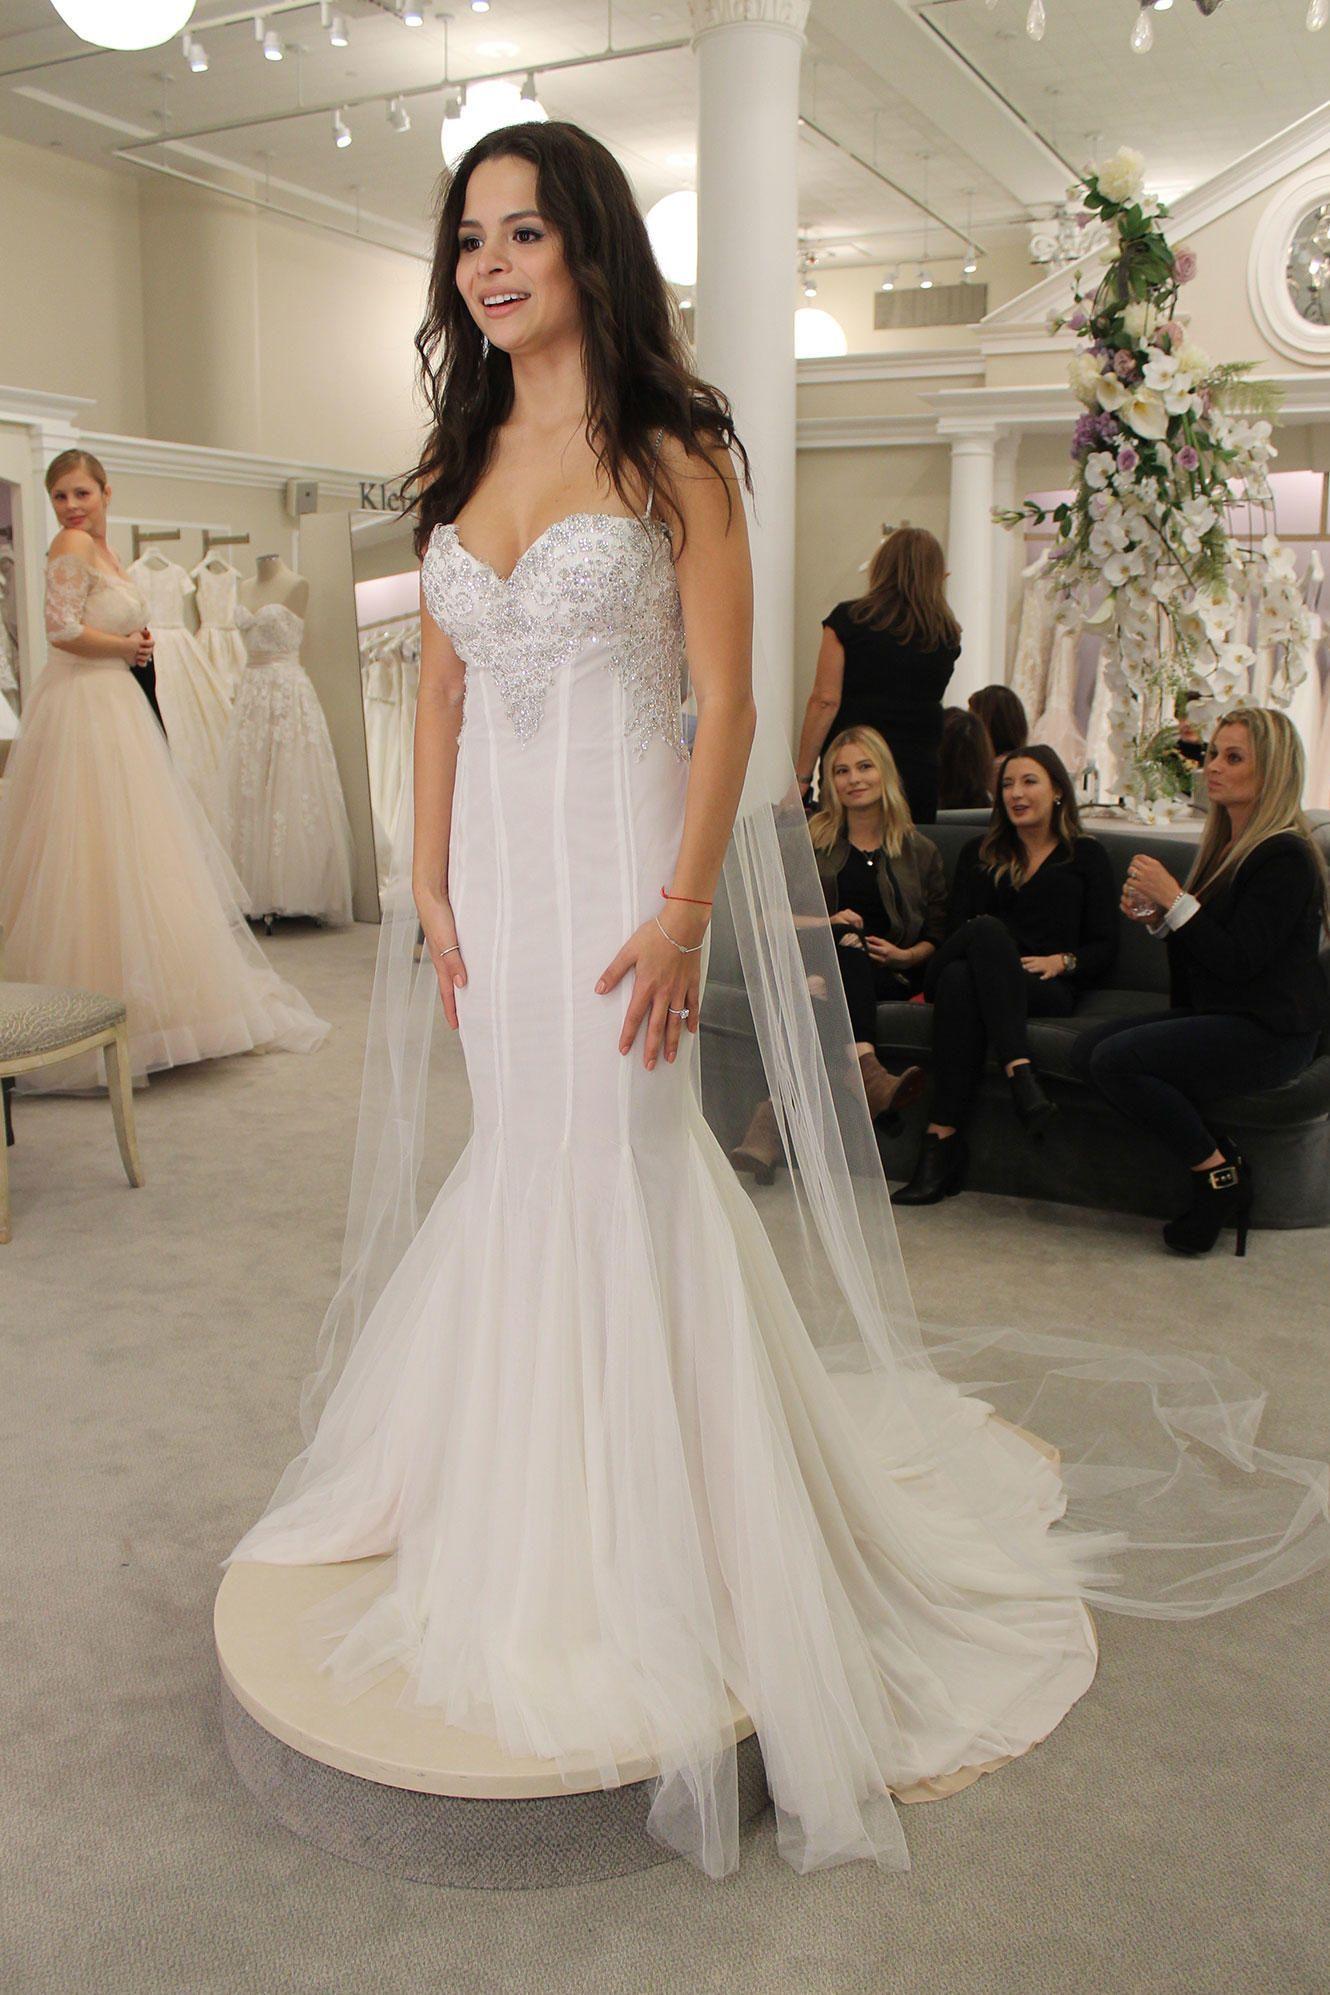 Image Result For Pnina Tornai Sasha Dress 2017 Wedding Dresses Wedding Dress Prices Panina Tornai Wedding Dress